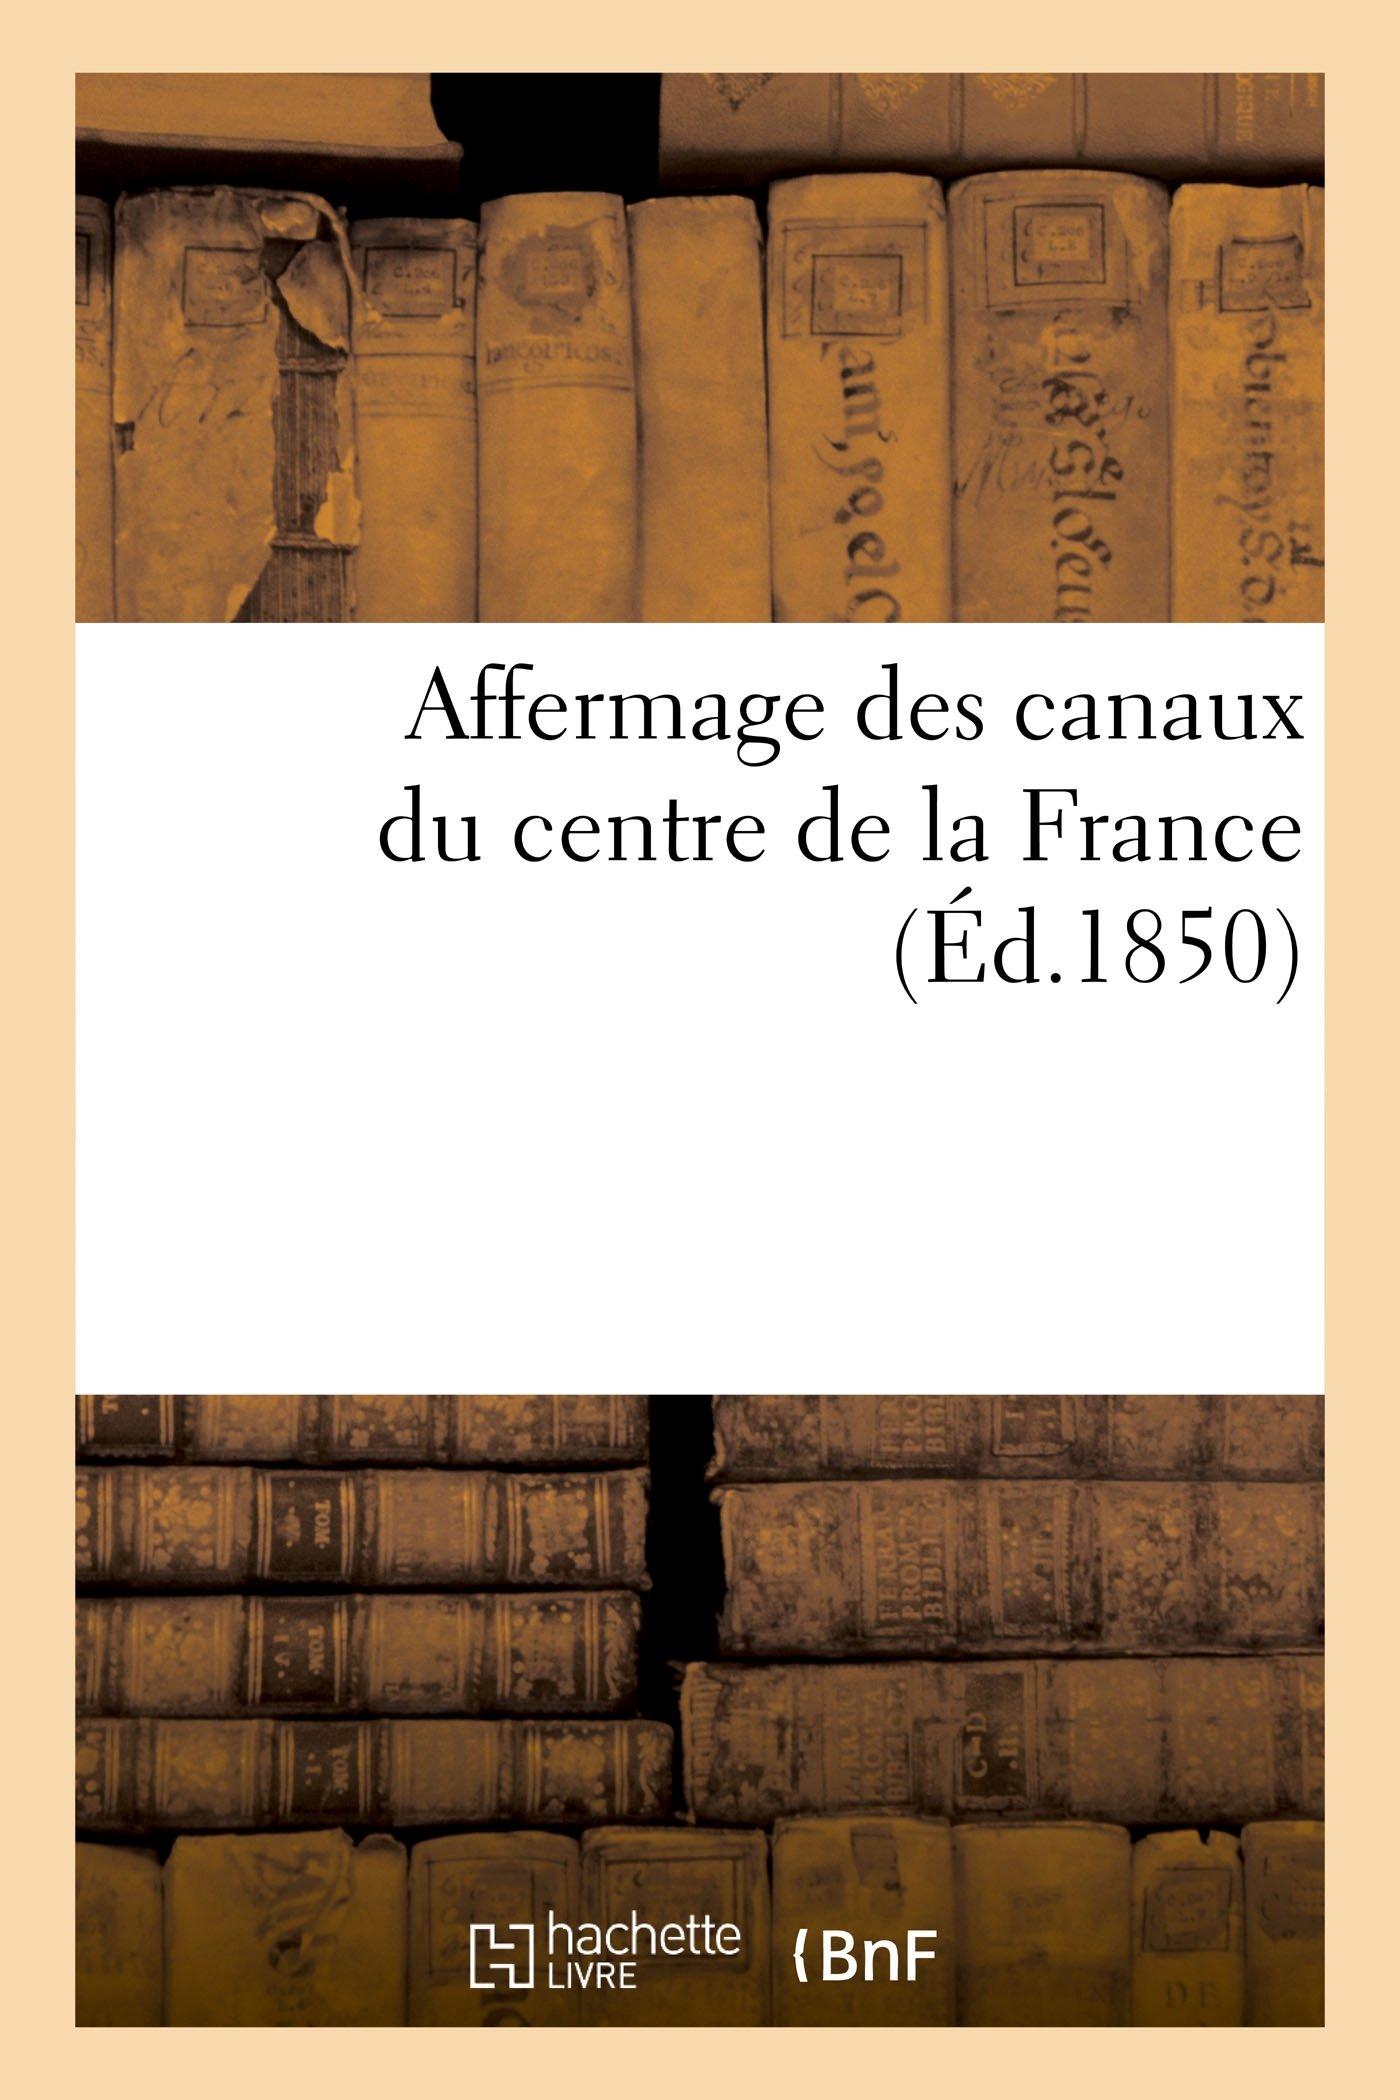 Download Affermage des canaux du centre de la France, lettre à M. A. Fould, Ministre des finances (French Edition) ebook